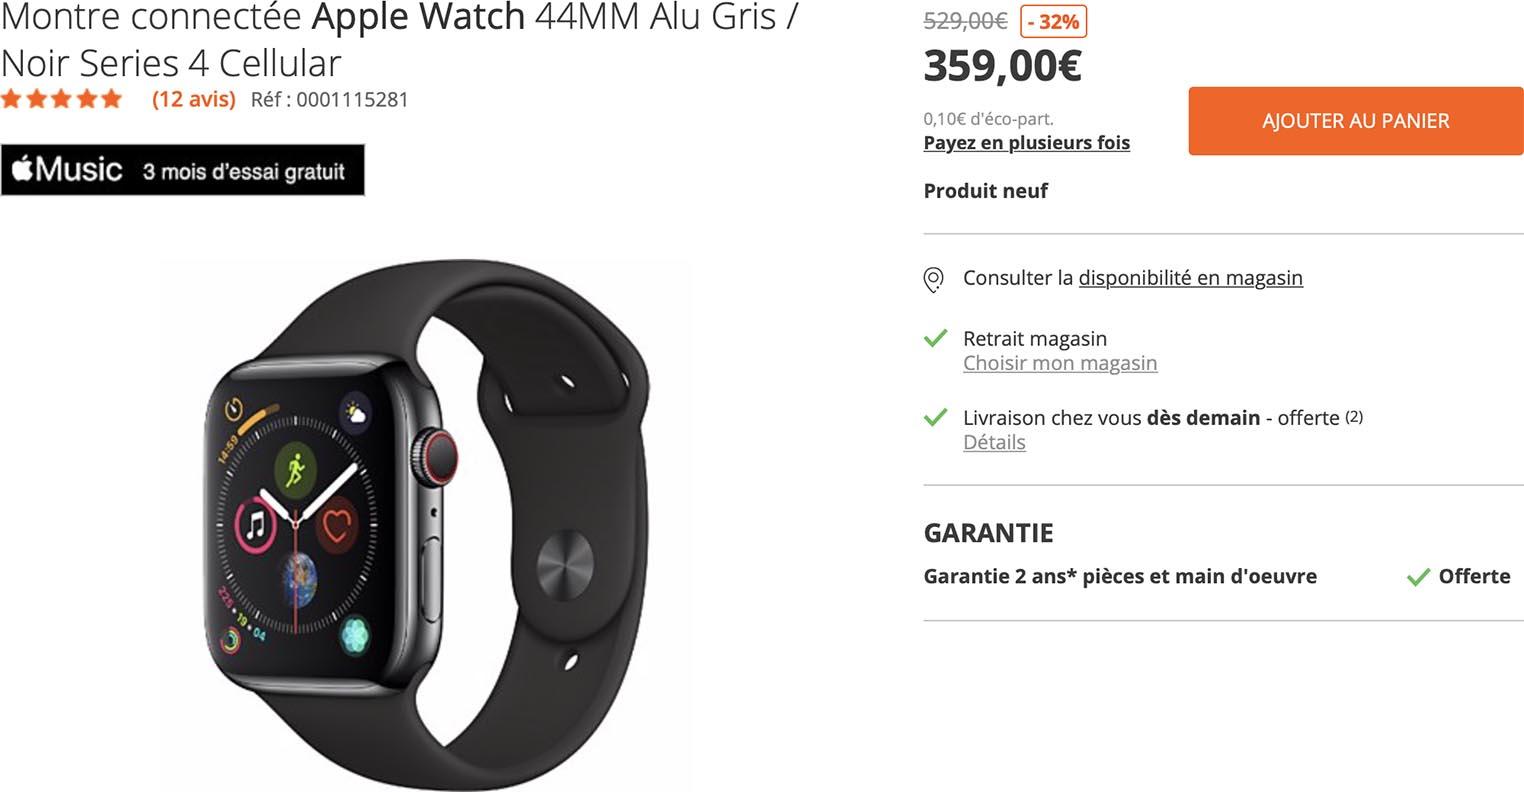 Apple Watch Series 4 Boulanger